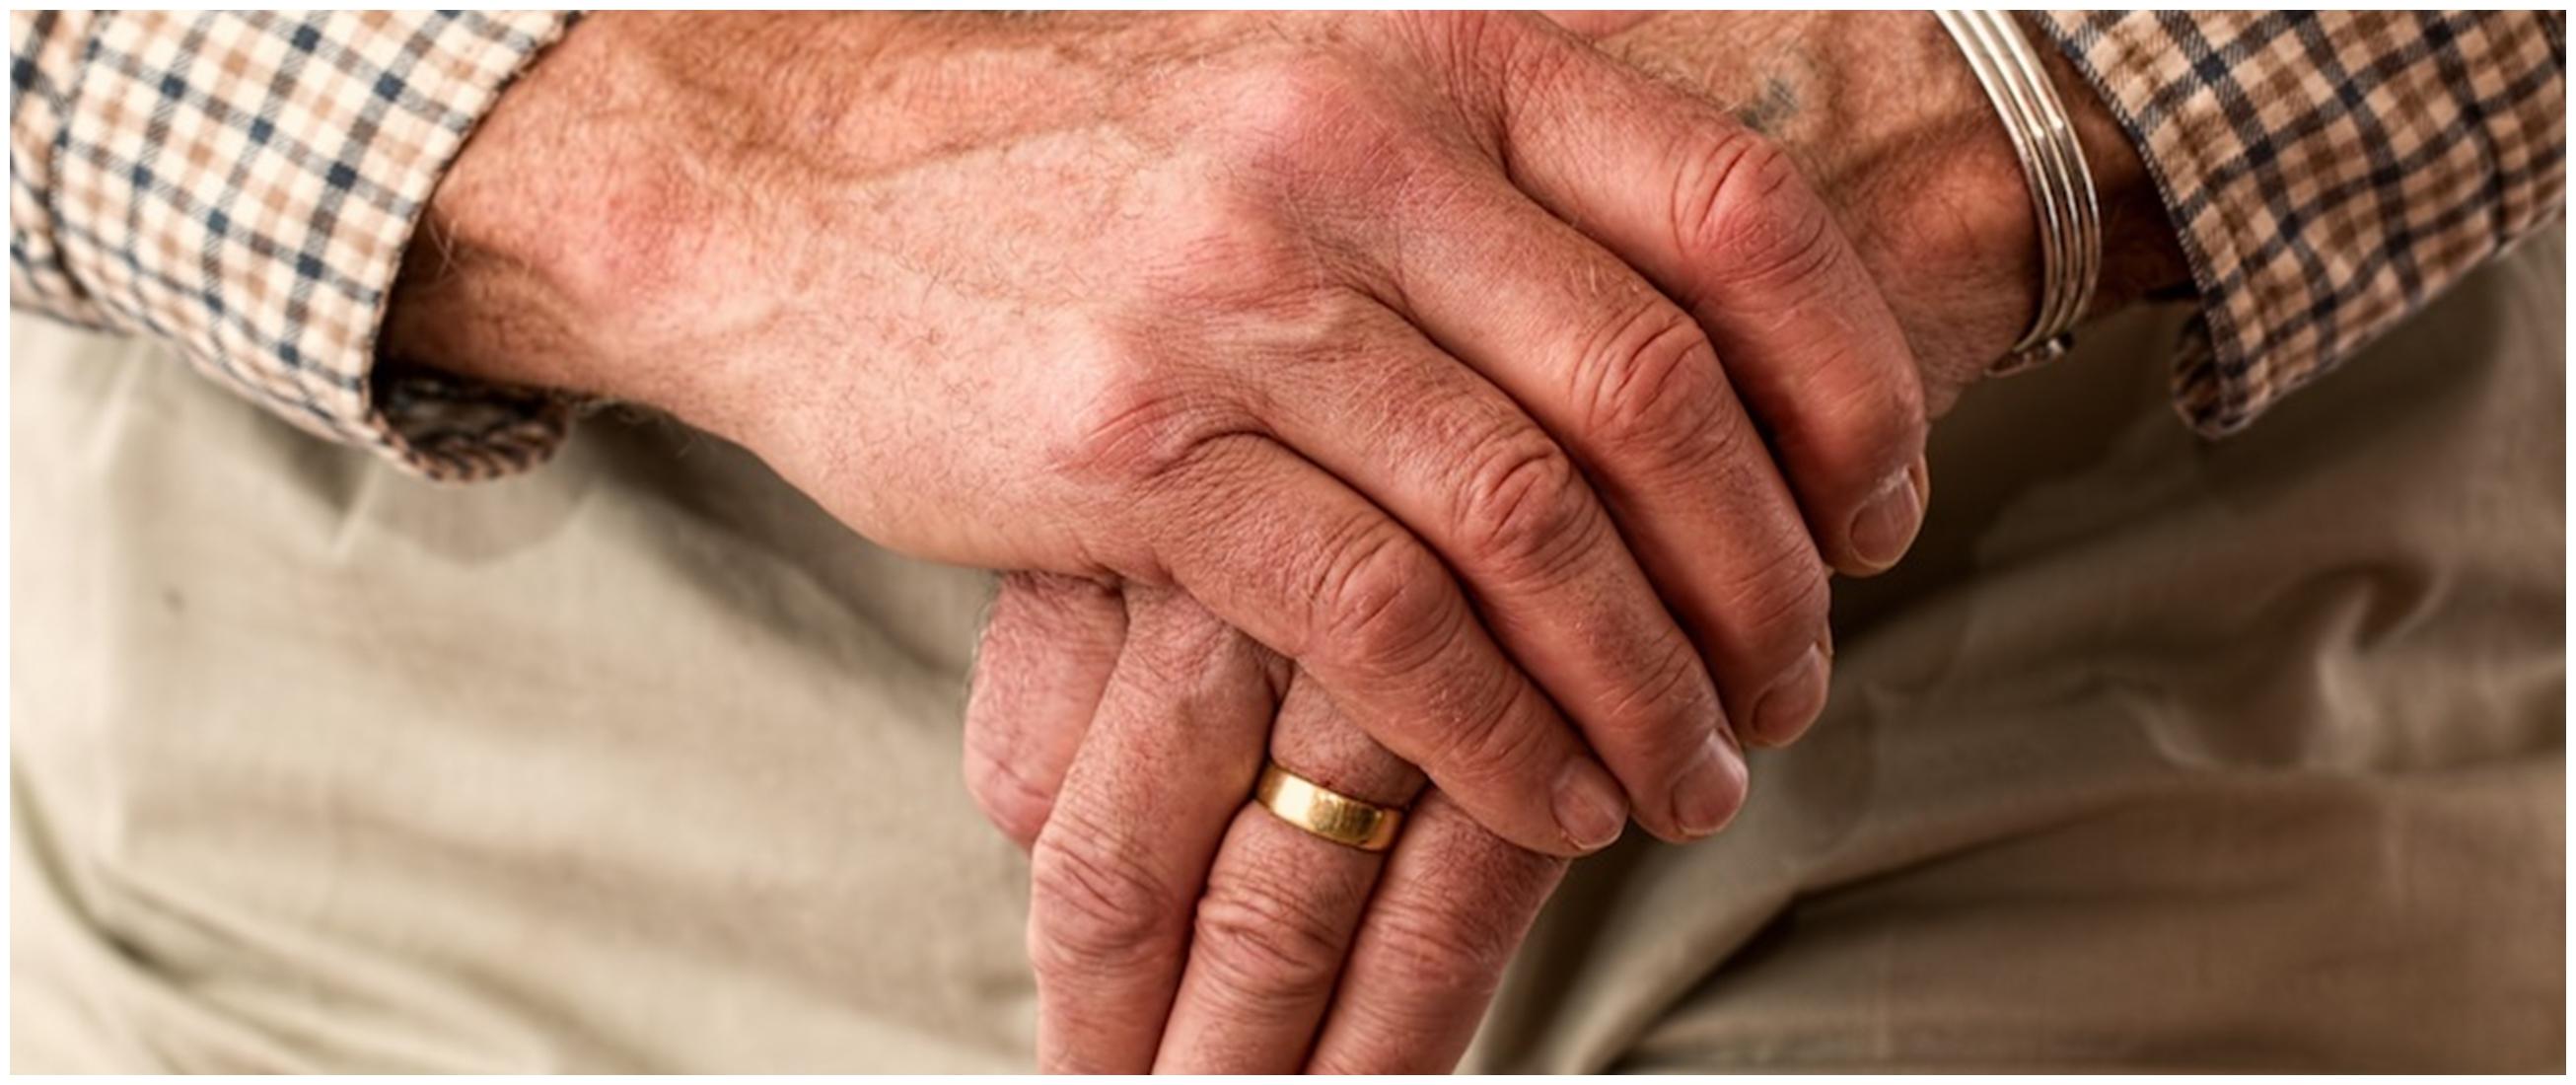 Kisah kakek 89 tahun berhasil sembuh dari virus corona